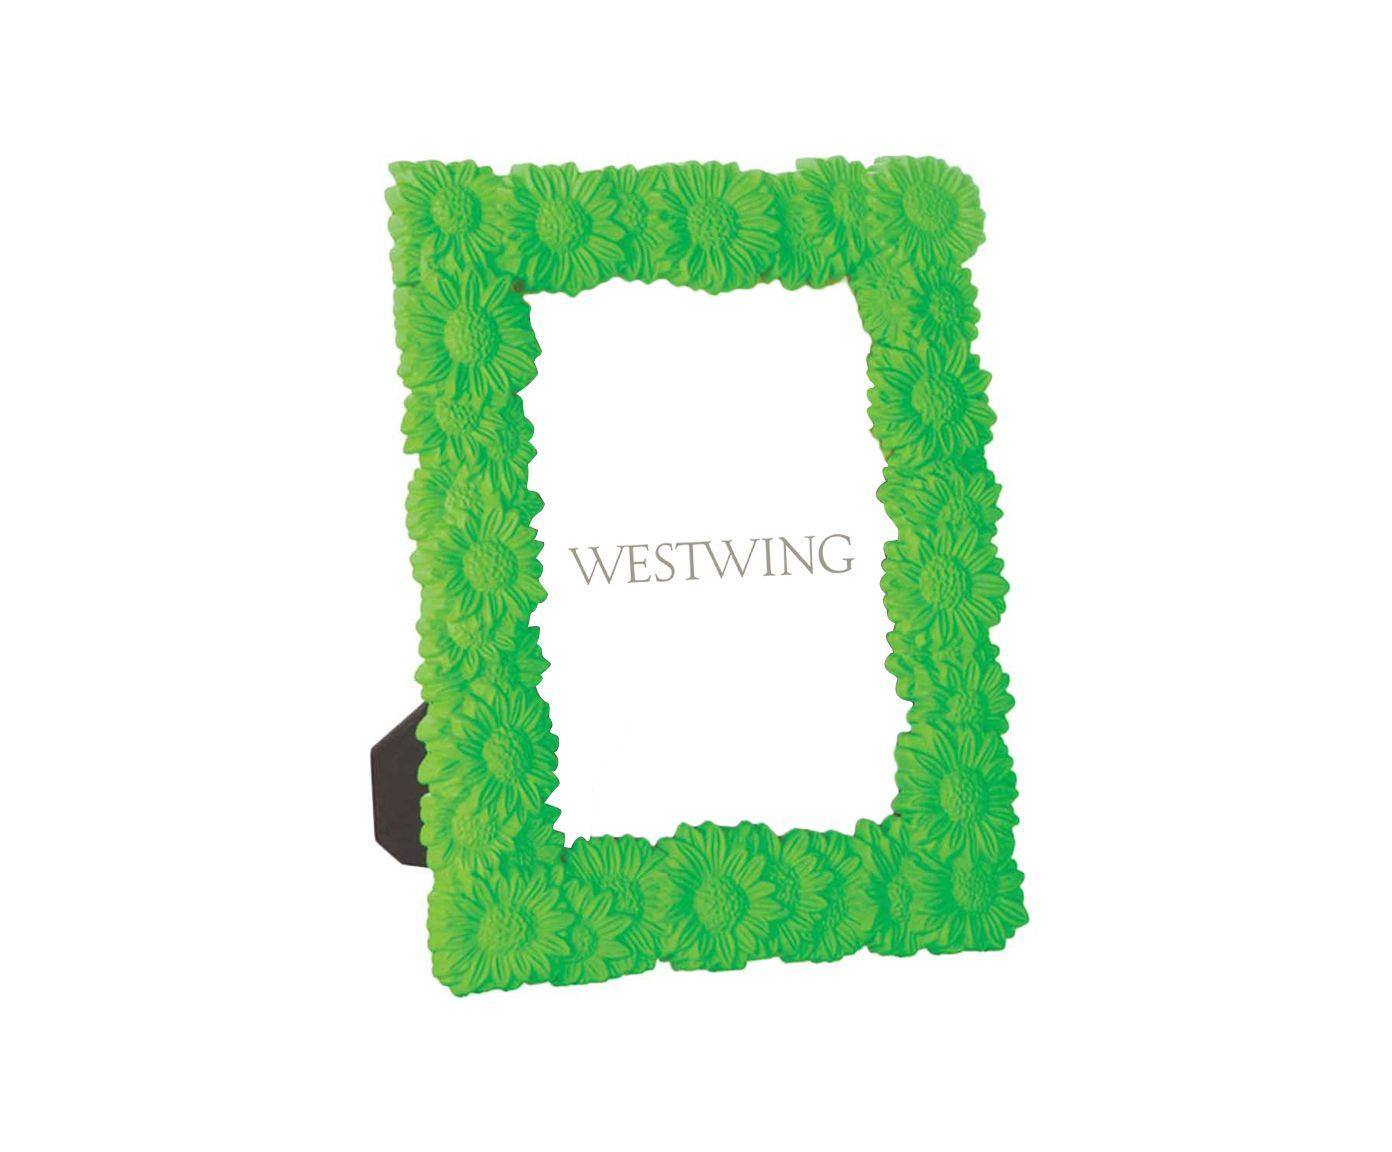 Porta-Retrato Happy Daisies - Foto 13X18cm | Westwing.com.br